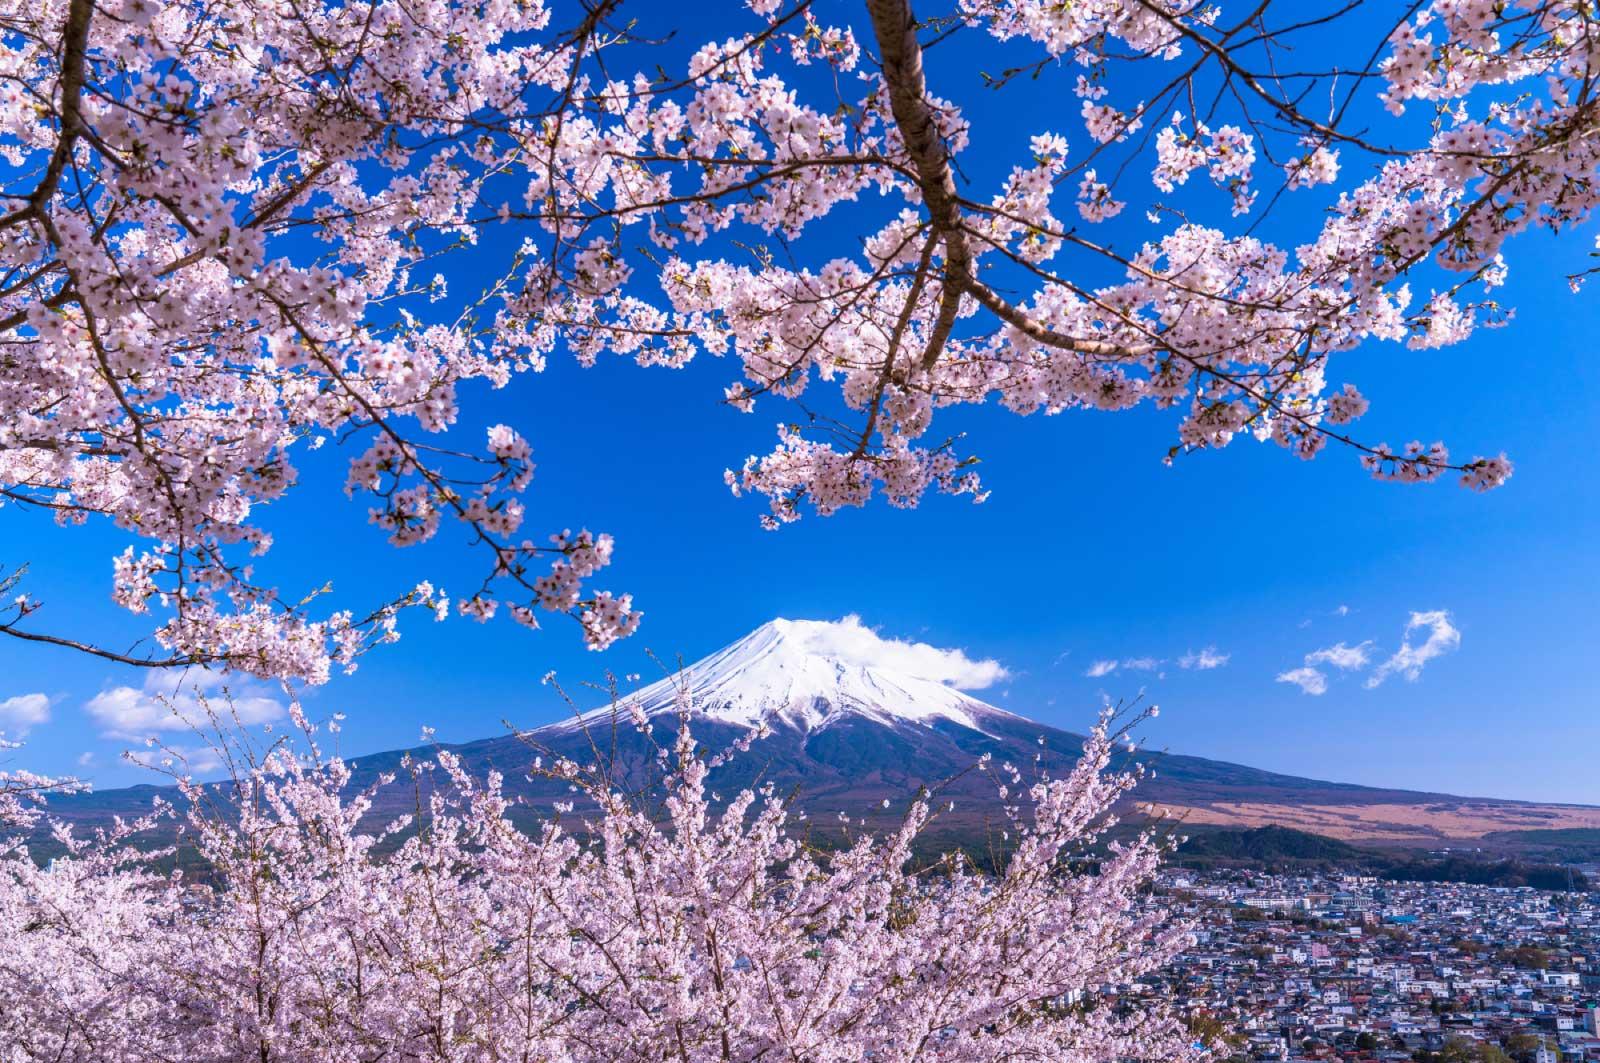 富士山などは日本中で有名な世界遺産